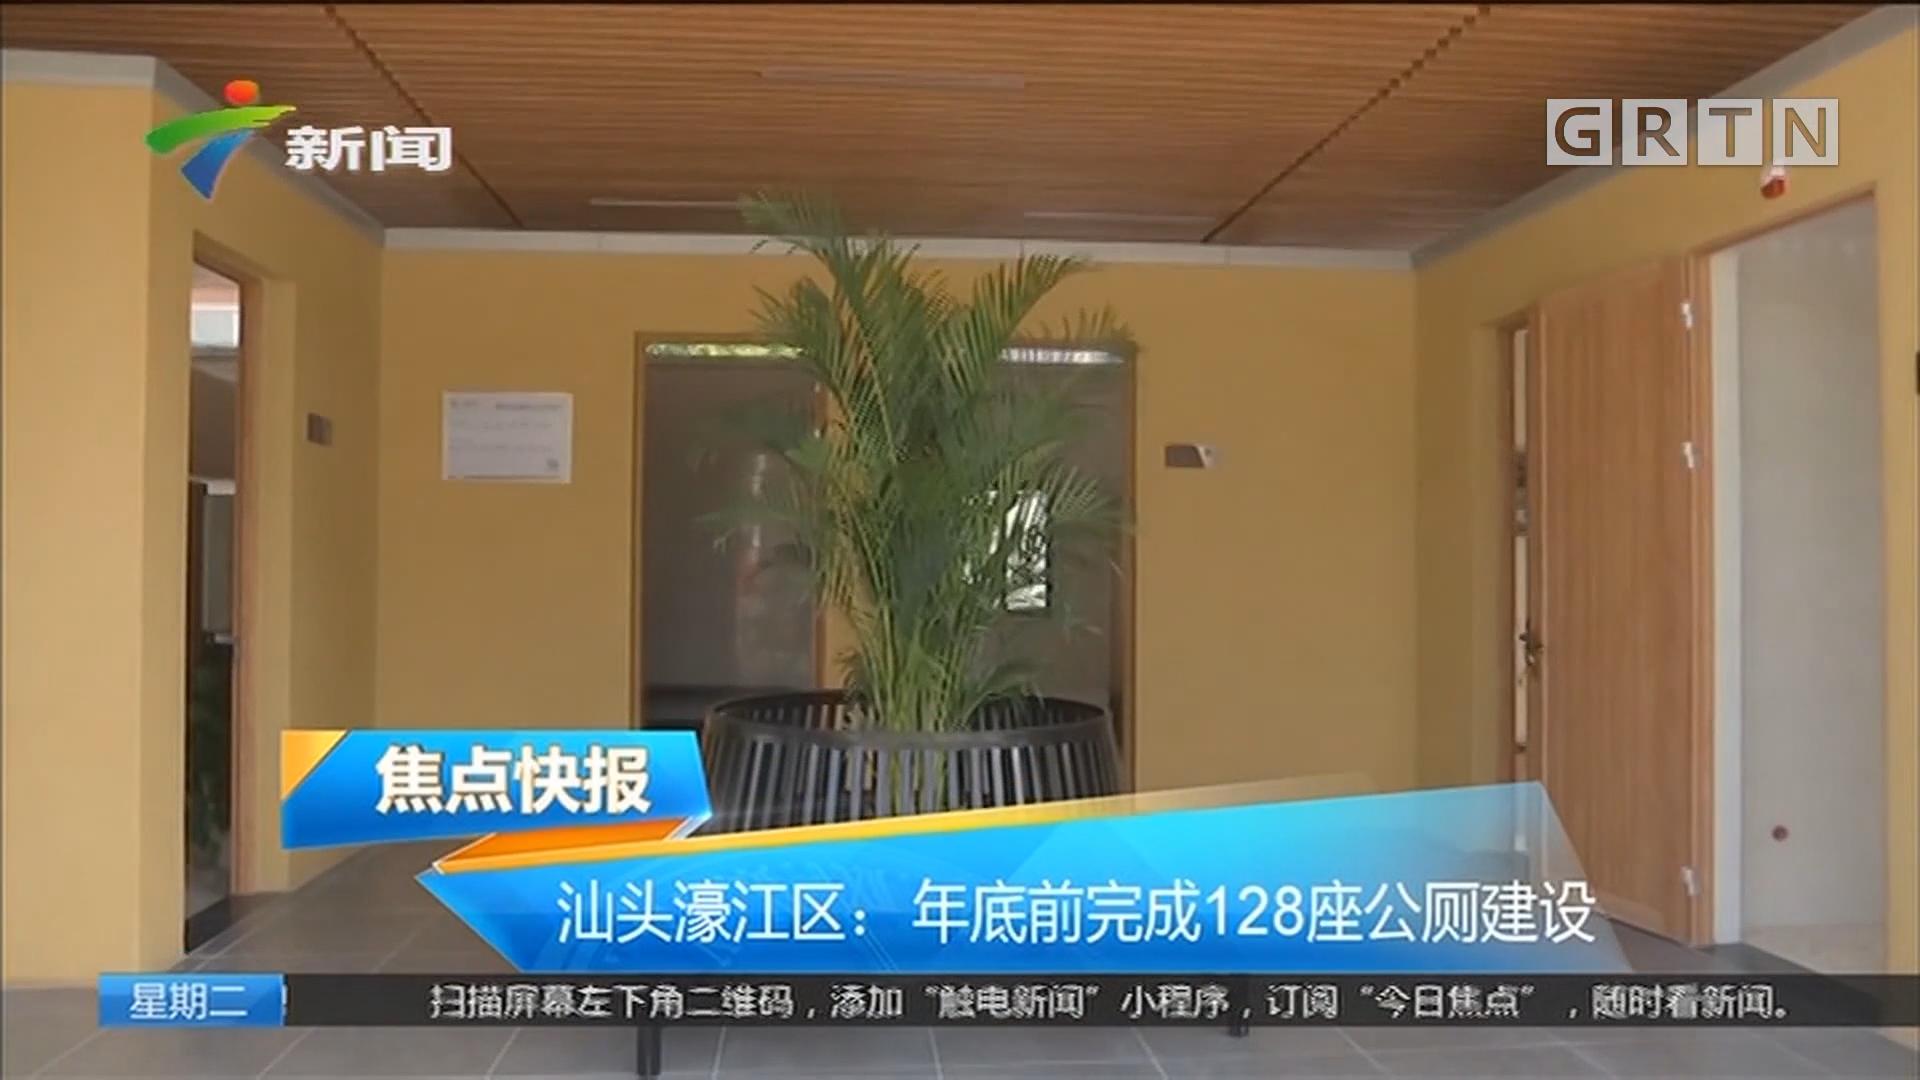 汕头濠江区:年底前完成128座公厕建设